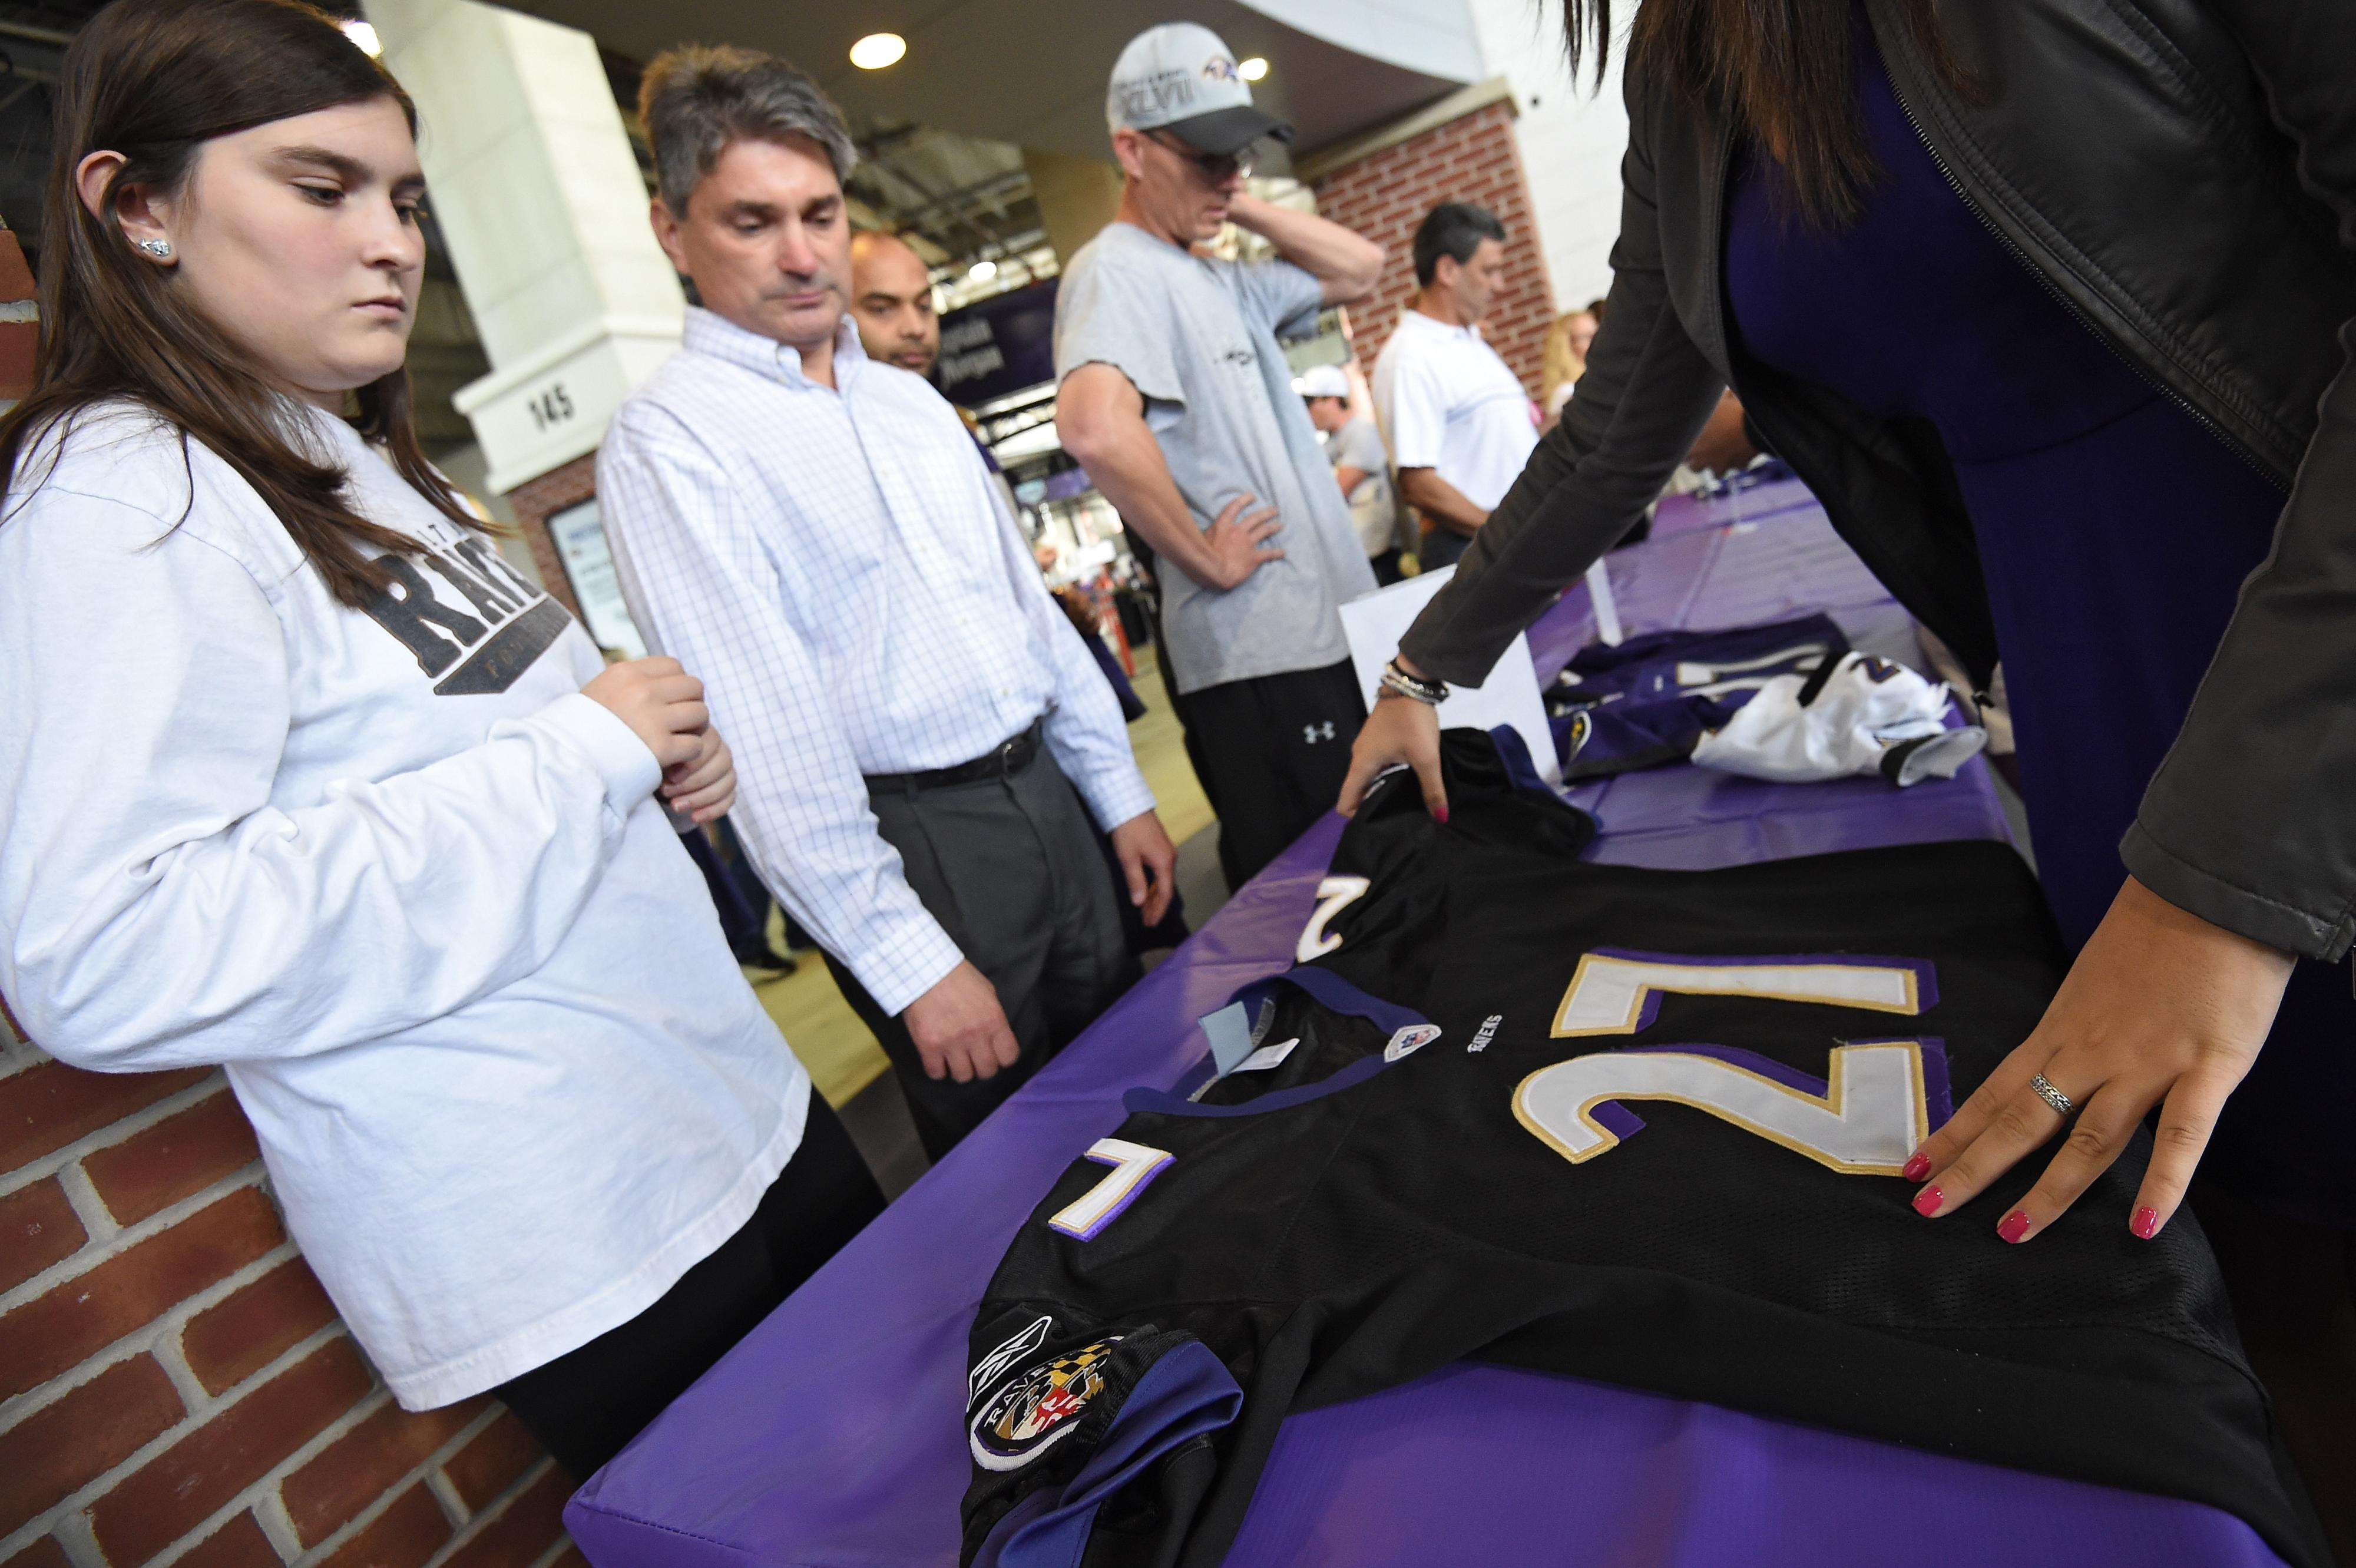 Aficionados de Ravens regresan las camisetas que habían comprado de Ray Rice. Foto: Getty Images